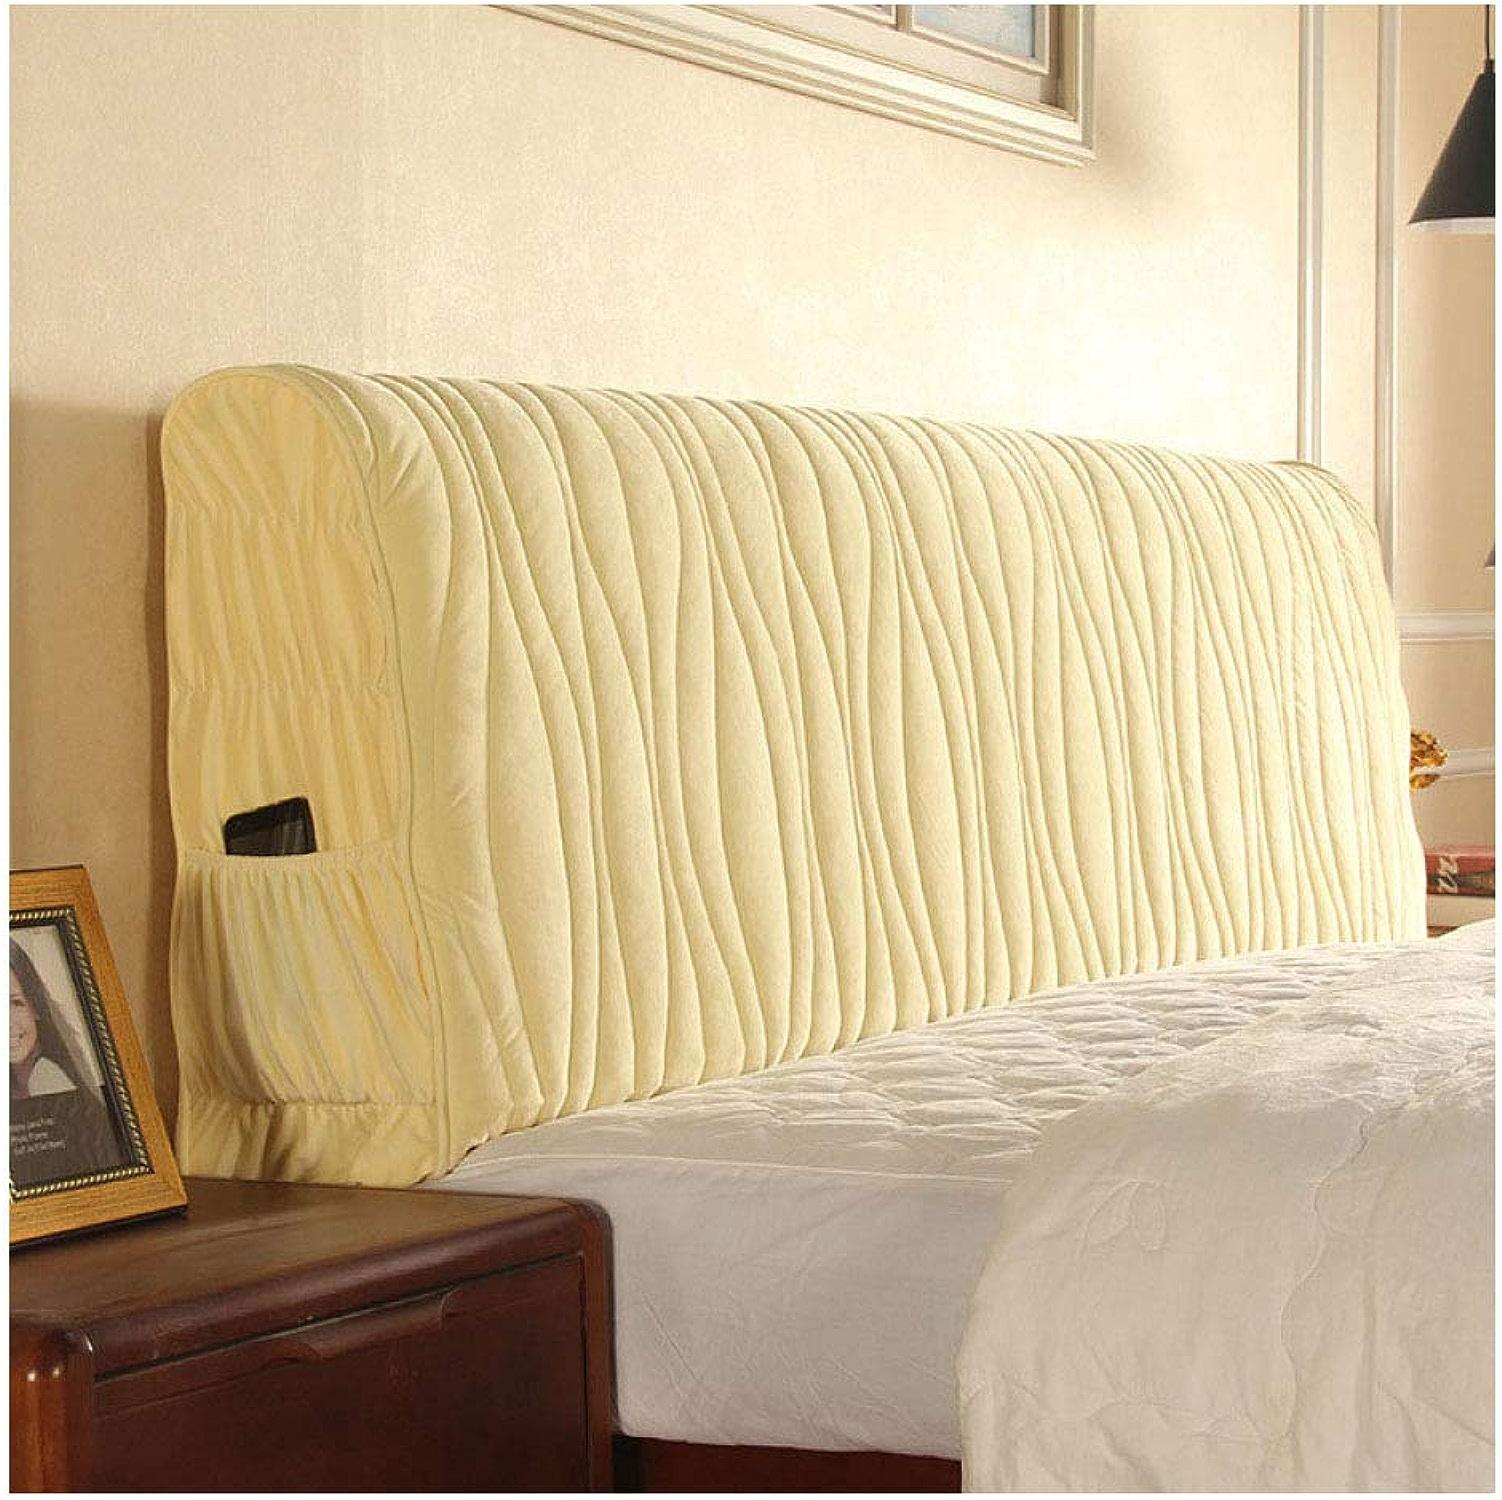 Mlhk Tête De Lit en Tissu Prougeecteur De Couverture De Chevet Anti-poussière Couverture épaissir Style Européen Housse De Lit De Sac Souple Lavable 4 Couleurs 4 Tailles,Beige-120  58cm